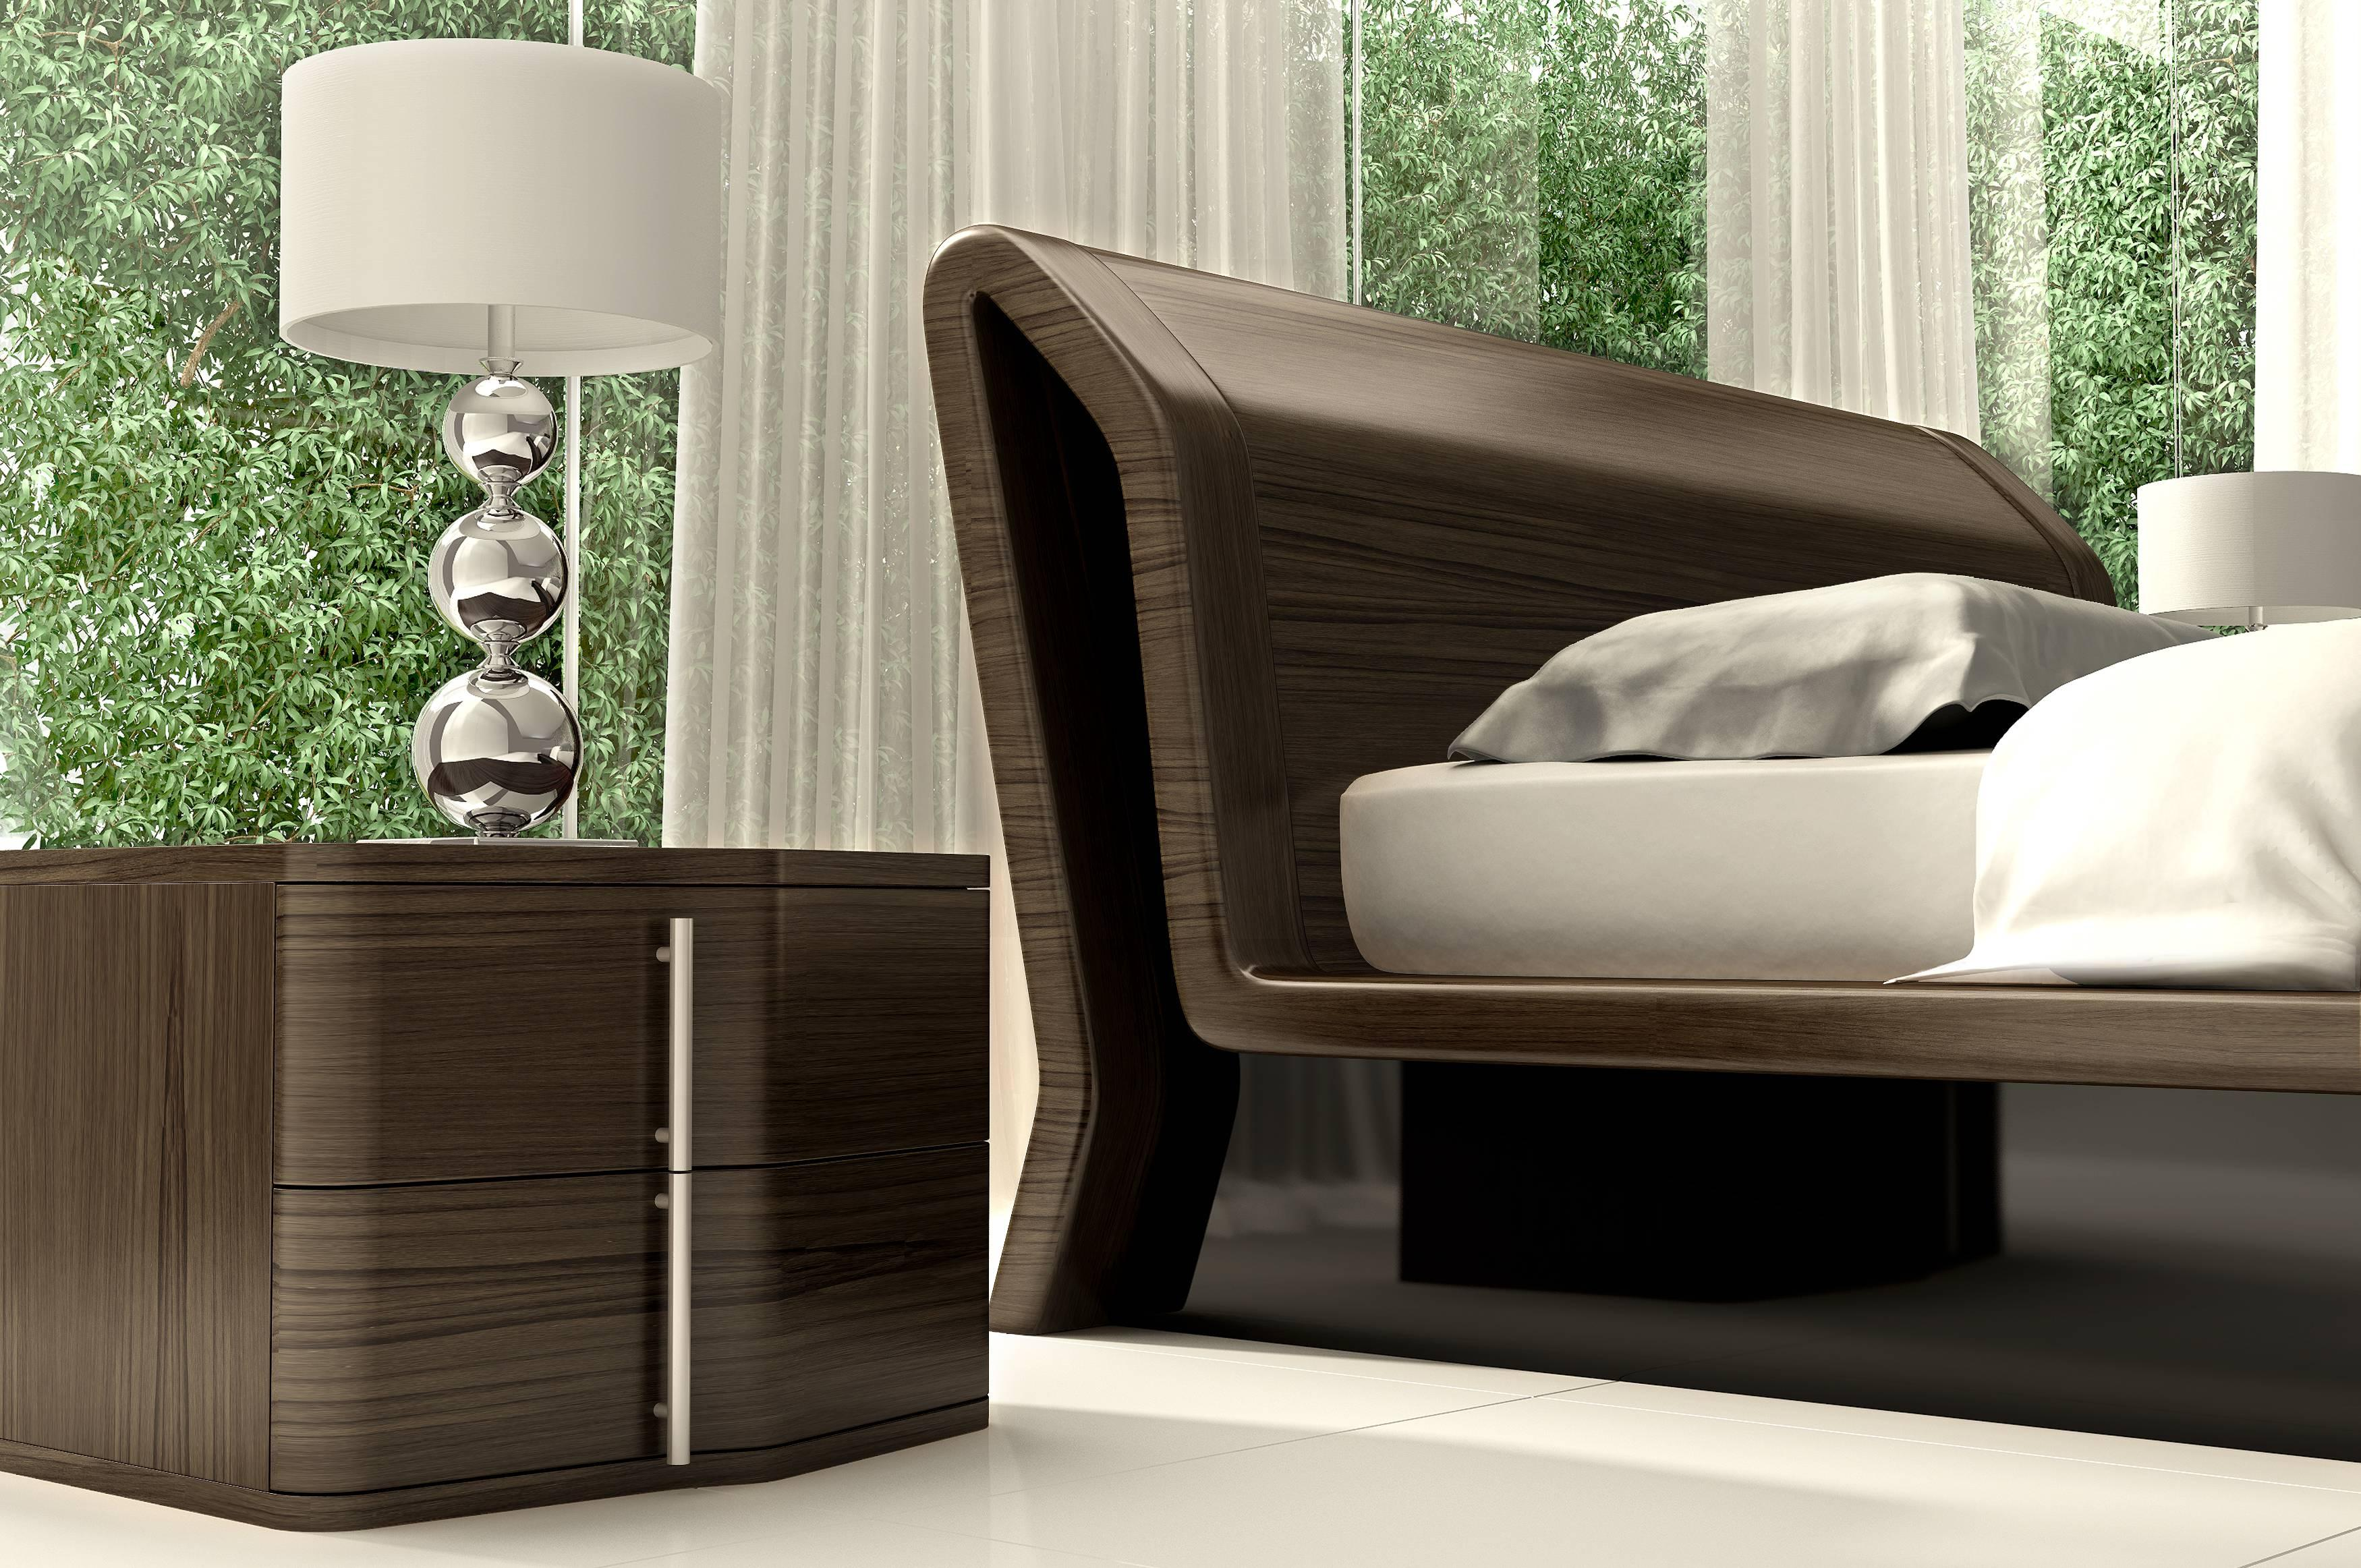 Ensemble pour chambre coucher design 1 0 500 0 pi ces for Ensemble chambre a coucher